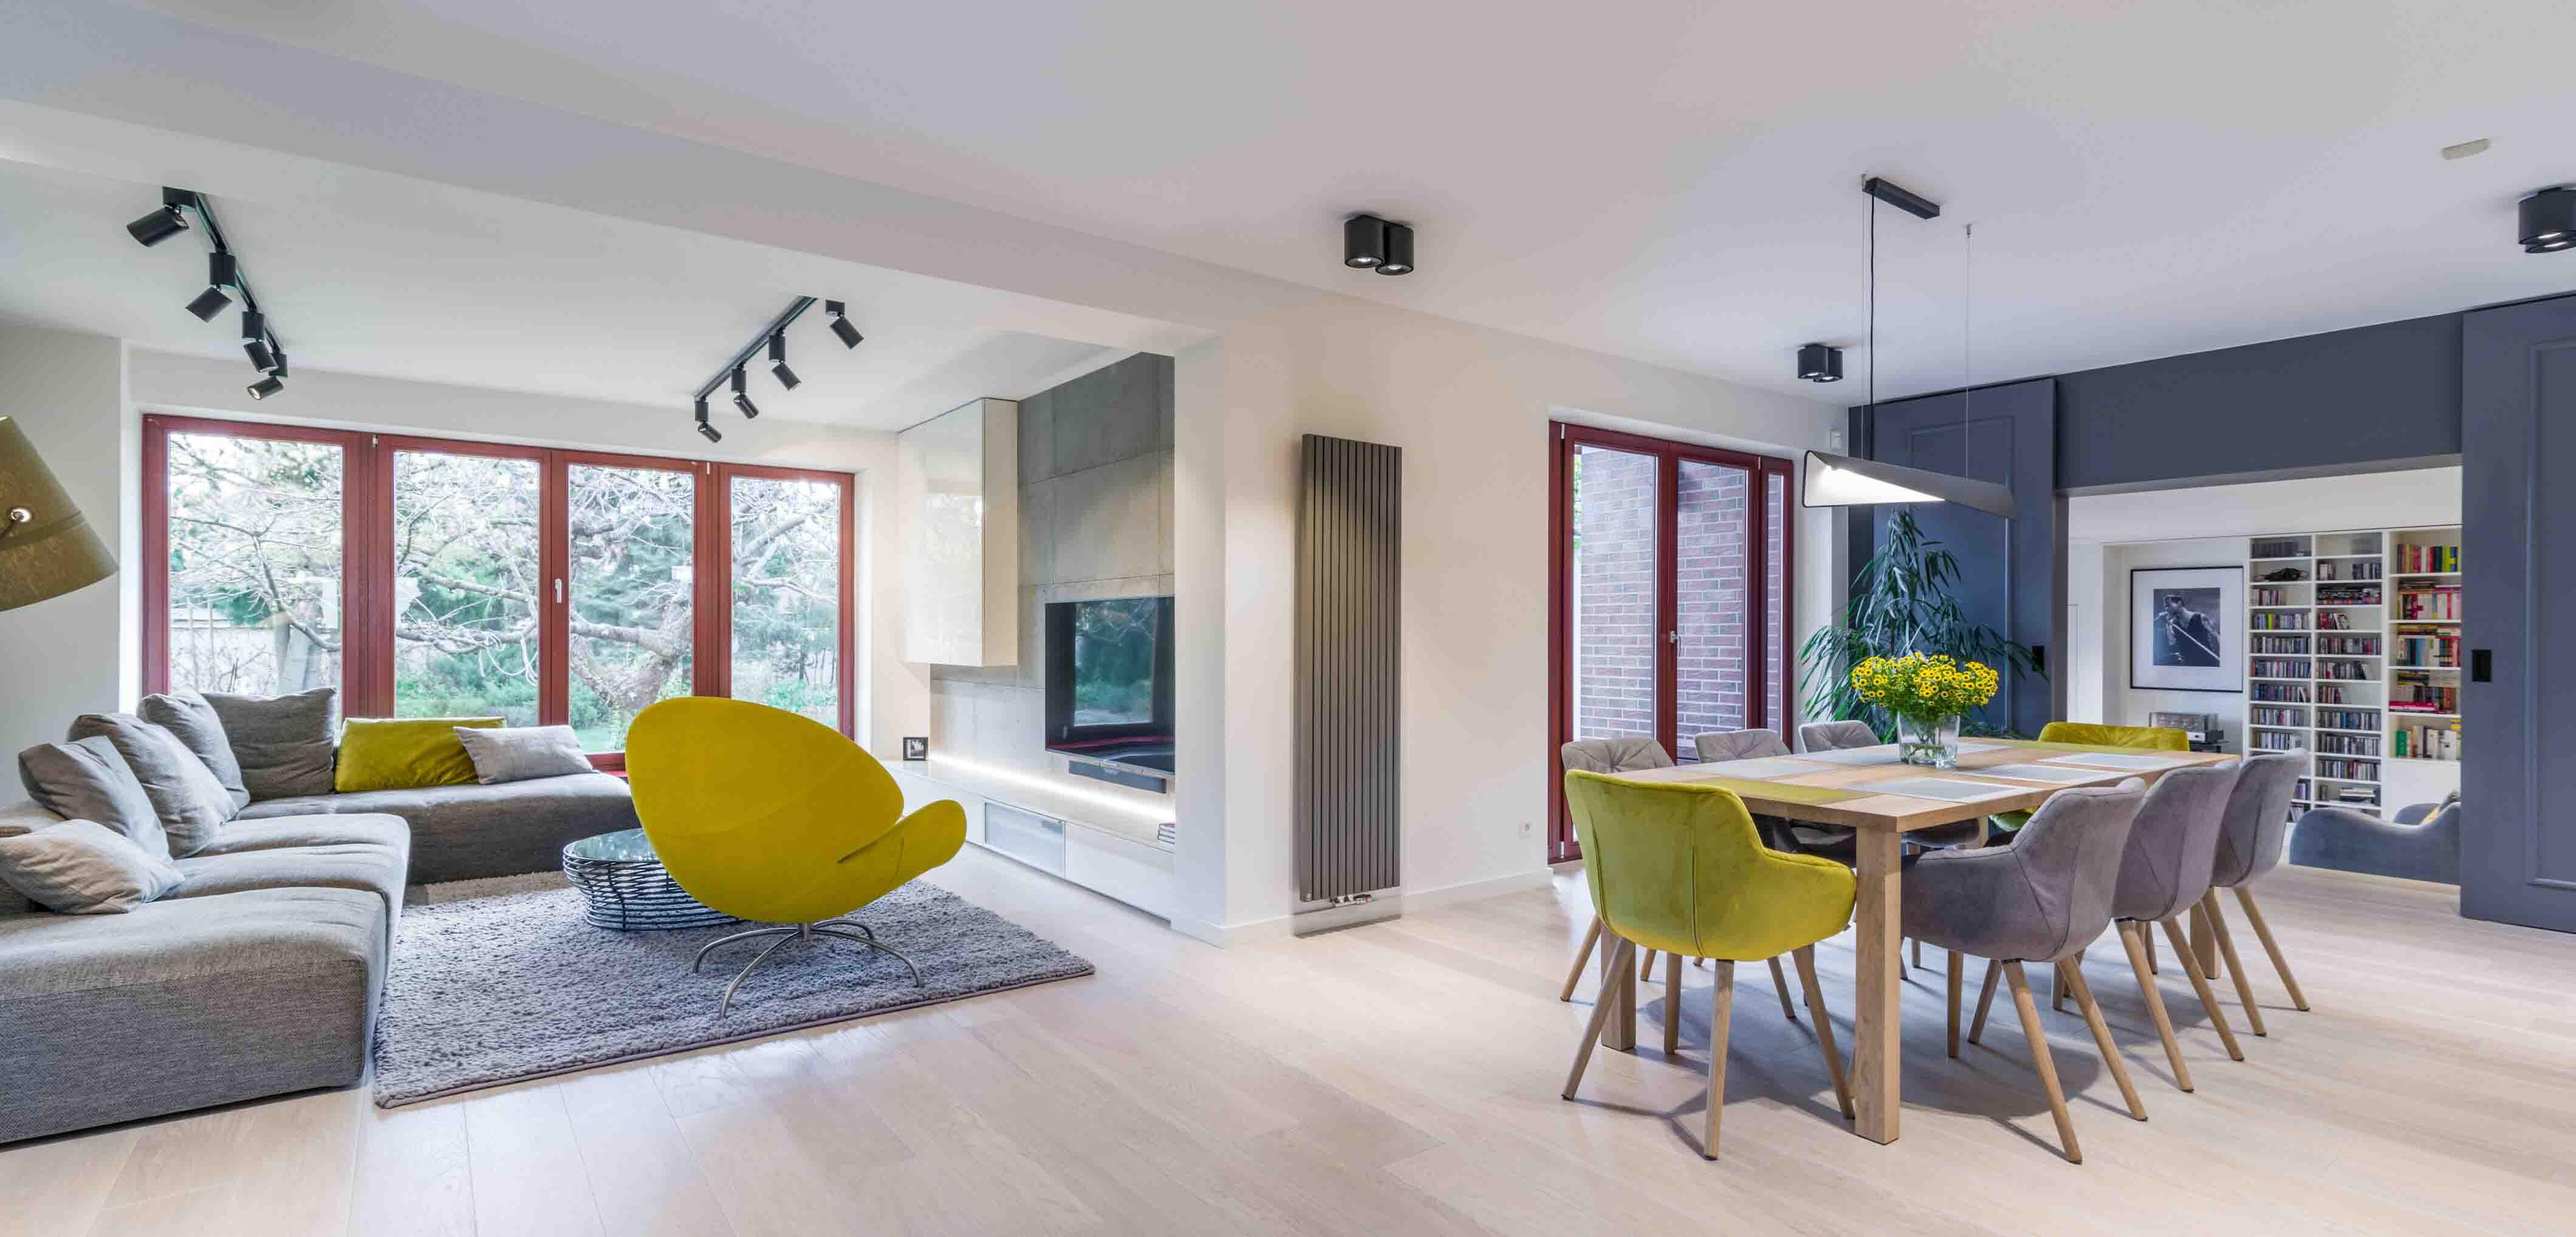 wnętrze-dom-stół-lampa-krzesła-kanapa-sofa-telewizor-salon-kaminskadorota